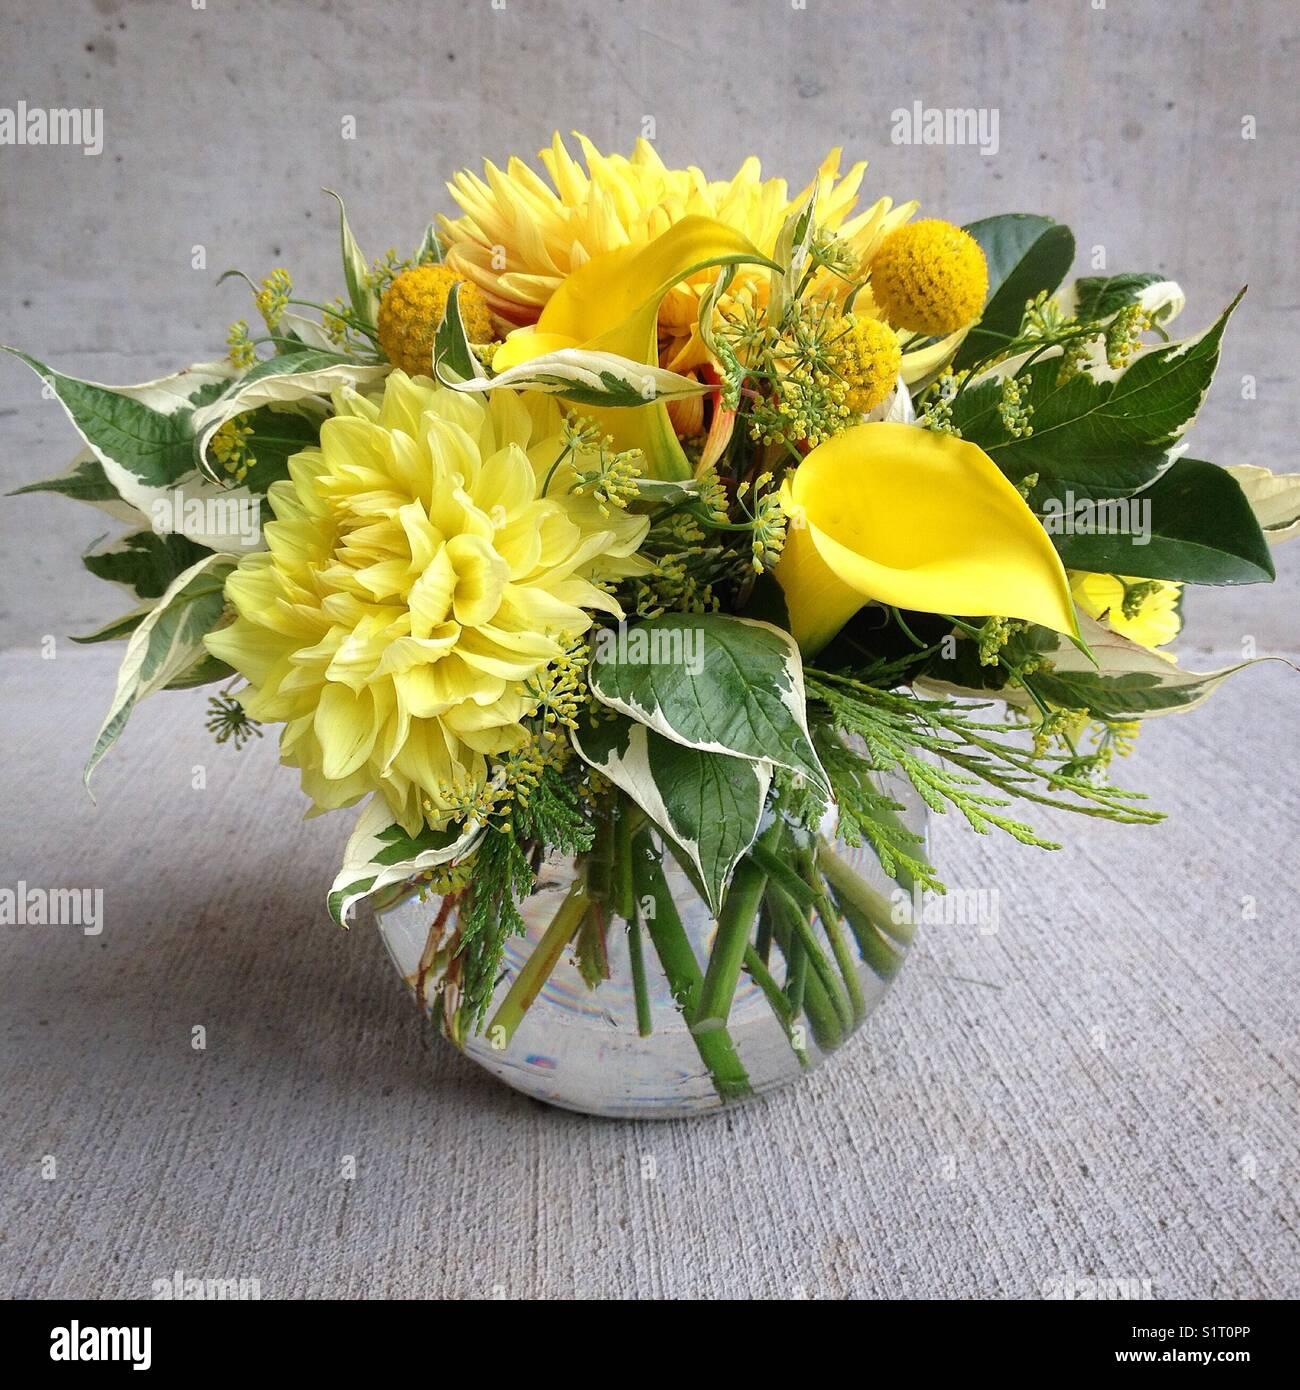 Fiori Gialli Rotondi.Fiore Giallo Disposizione In Vaso Rotondo Foto Immagine Stock